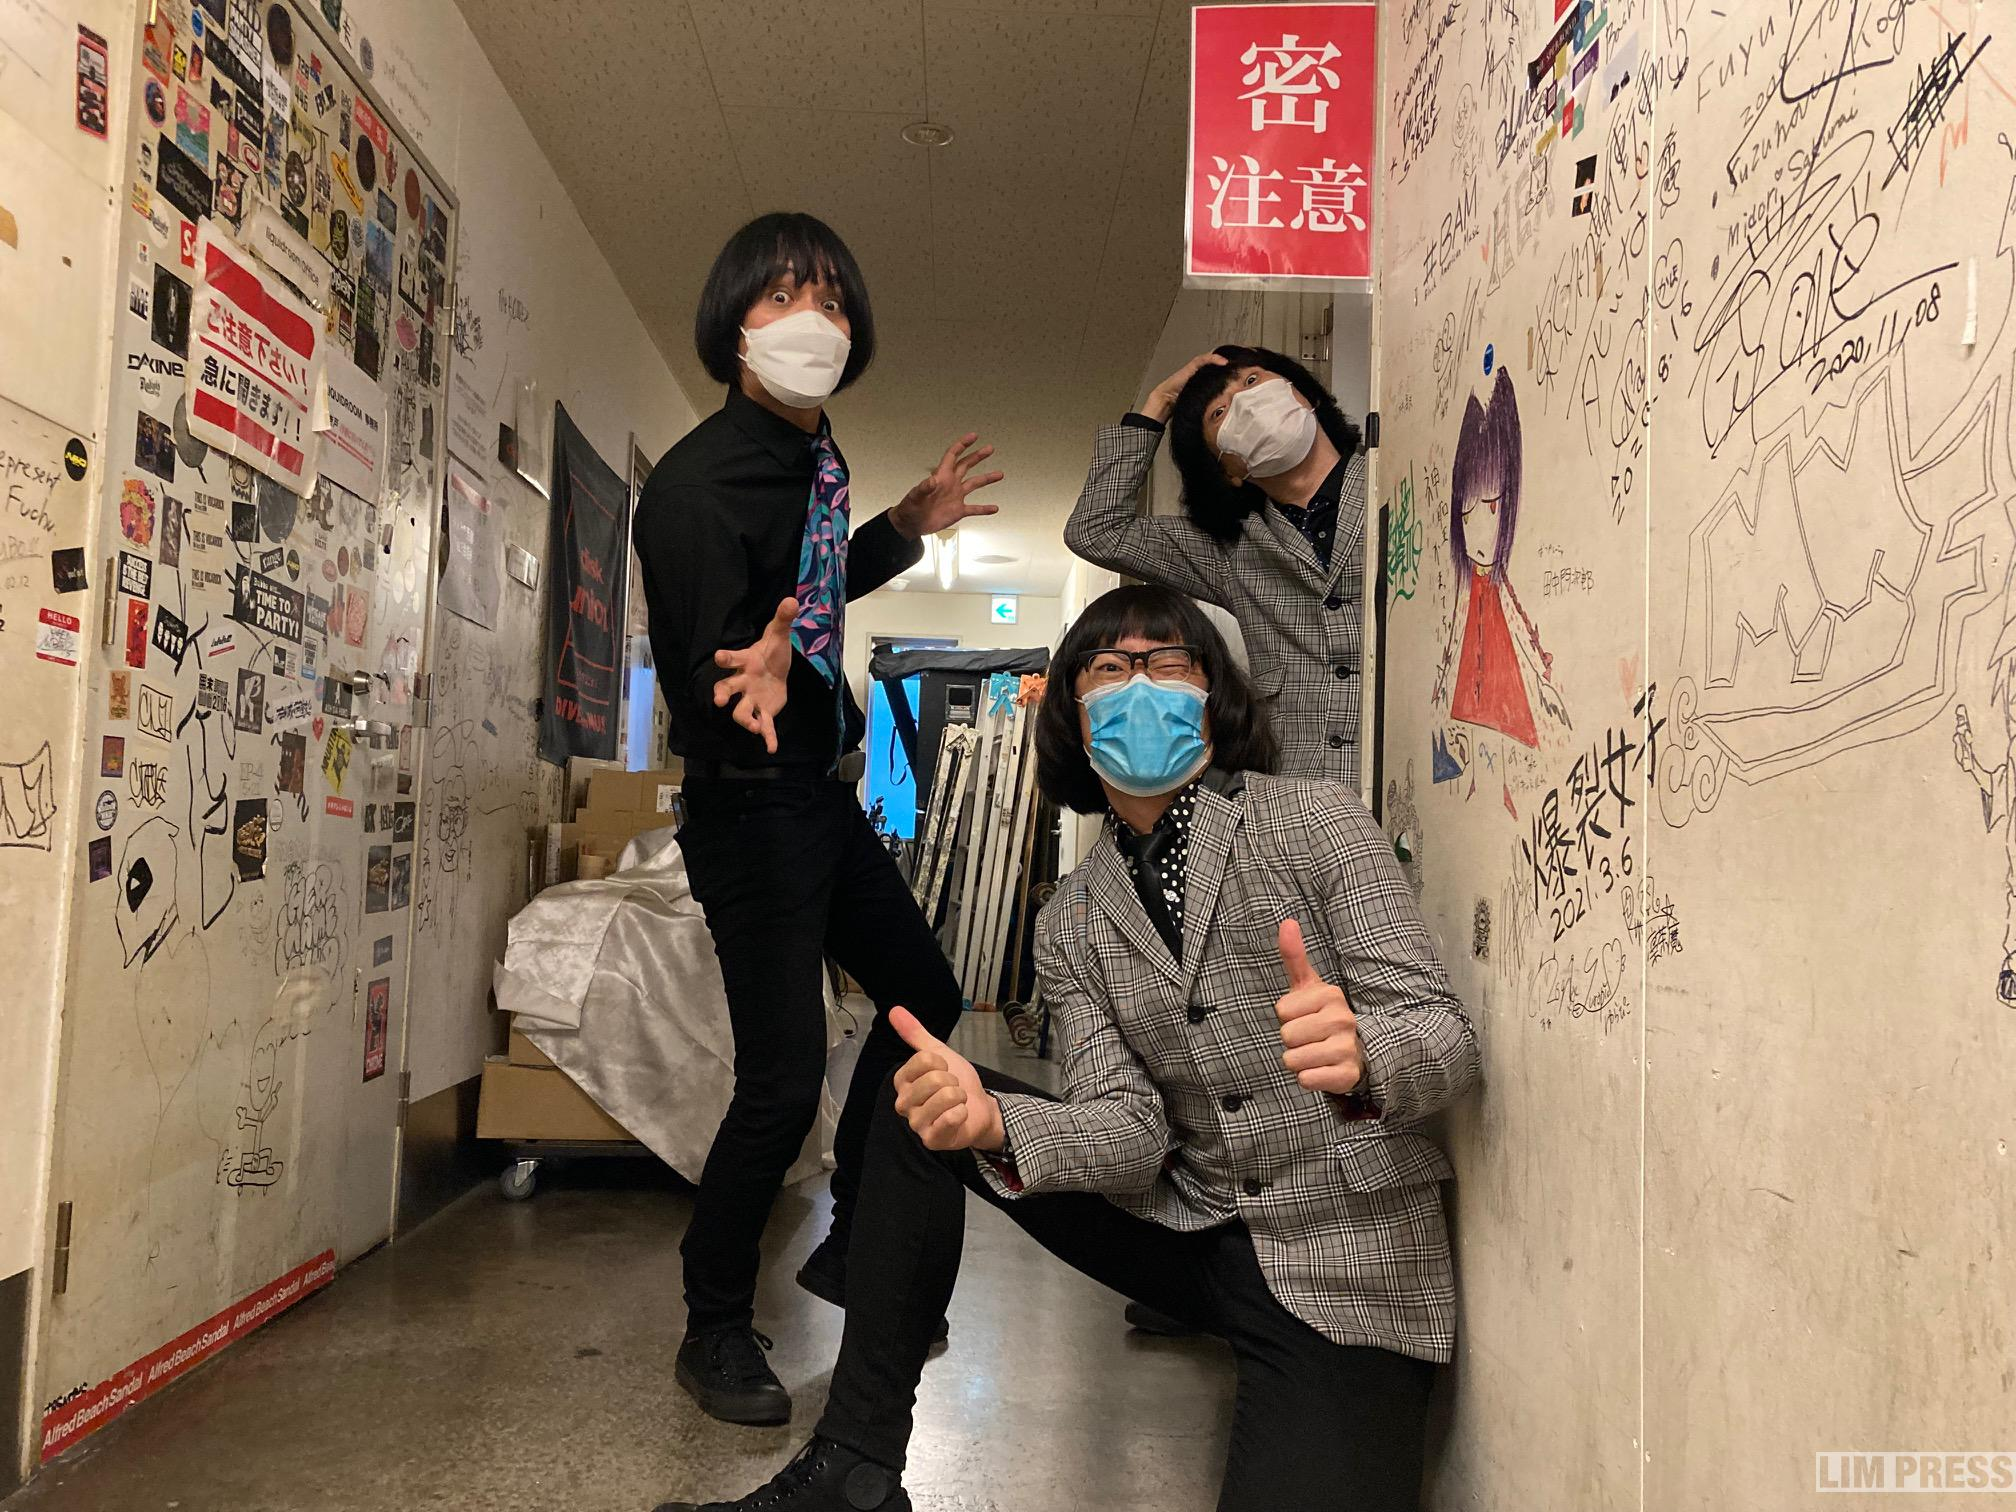 ザ50回転ズ   東京 恵比寿LIQUIDROOM   2021.07.26